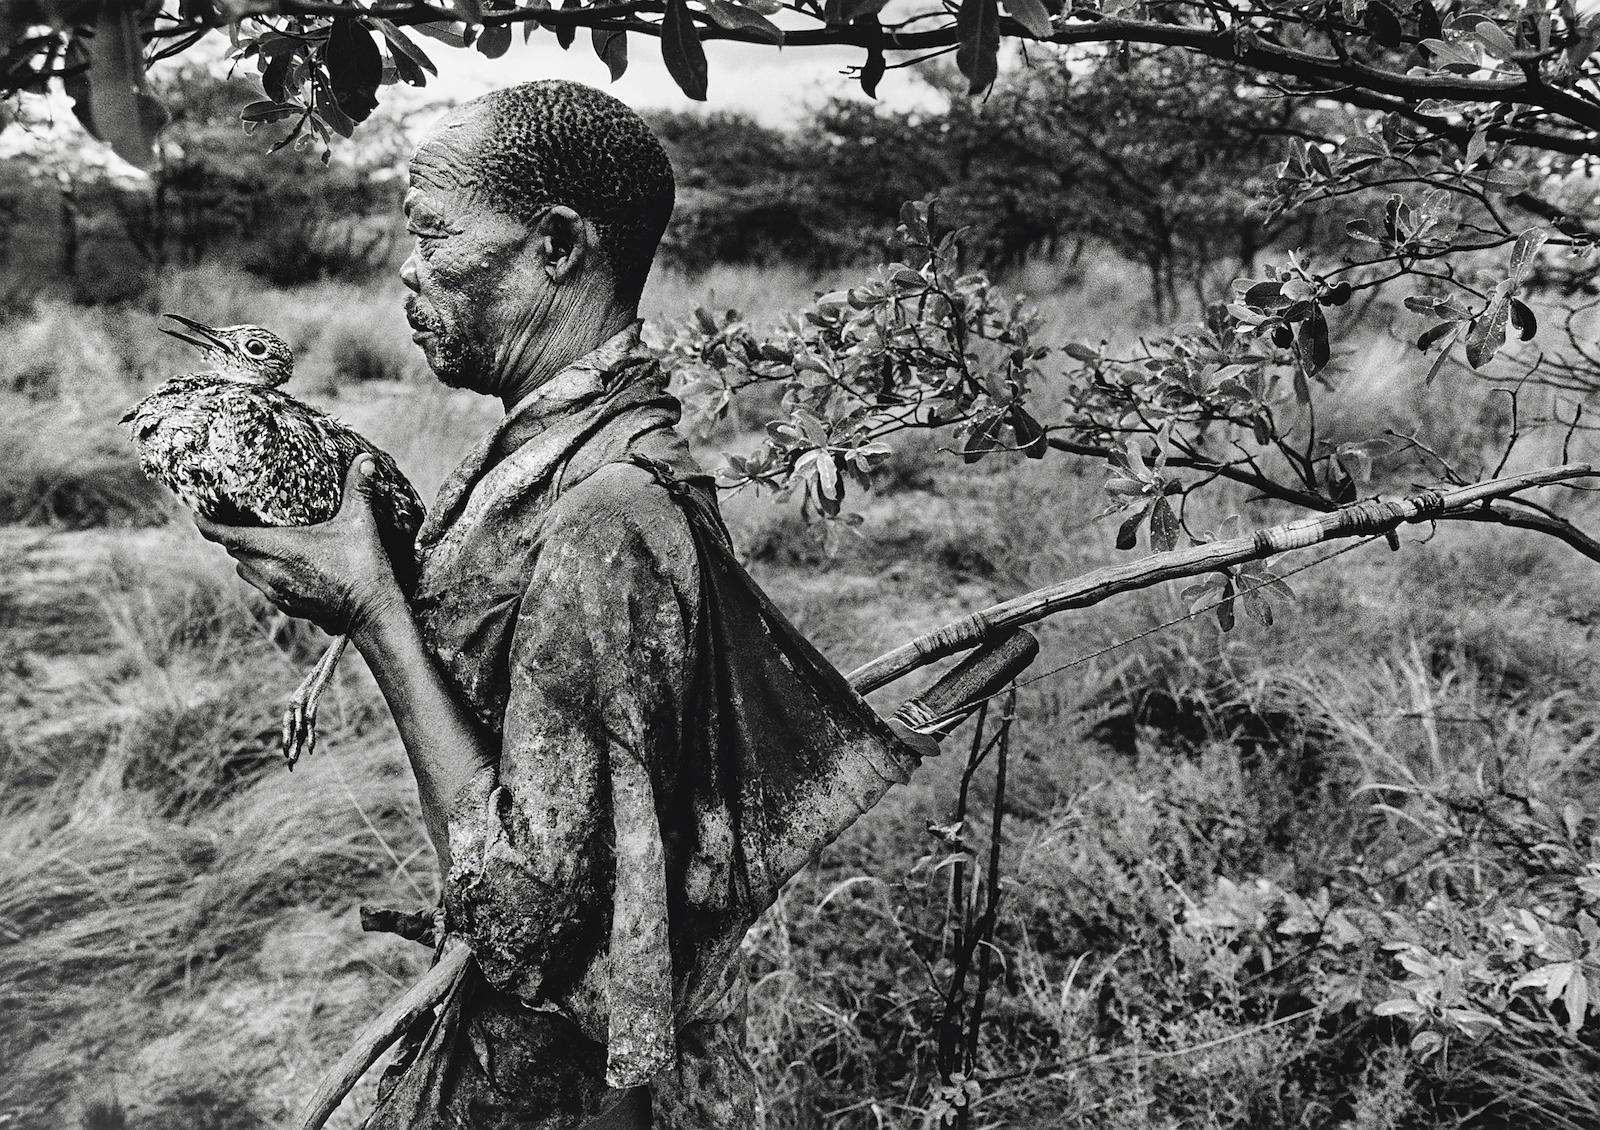 Sebastiao Salgado-Bushmen Botswana, Africa-2008